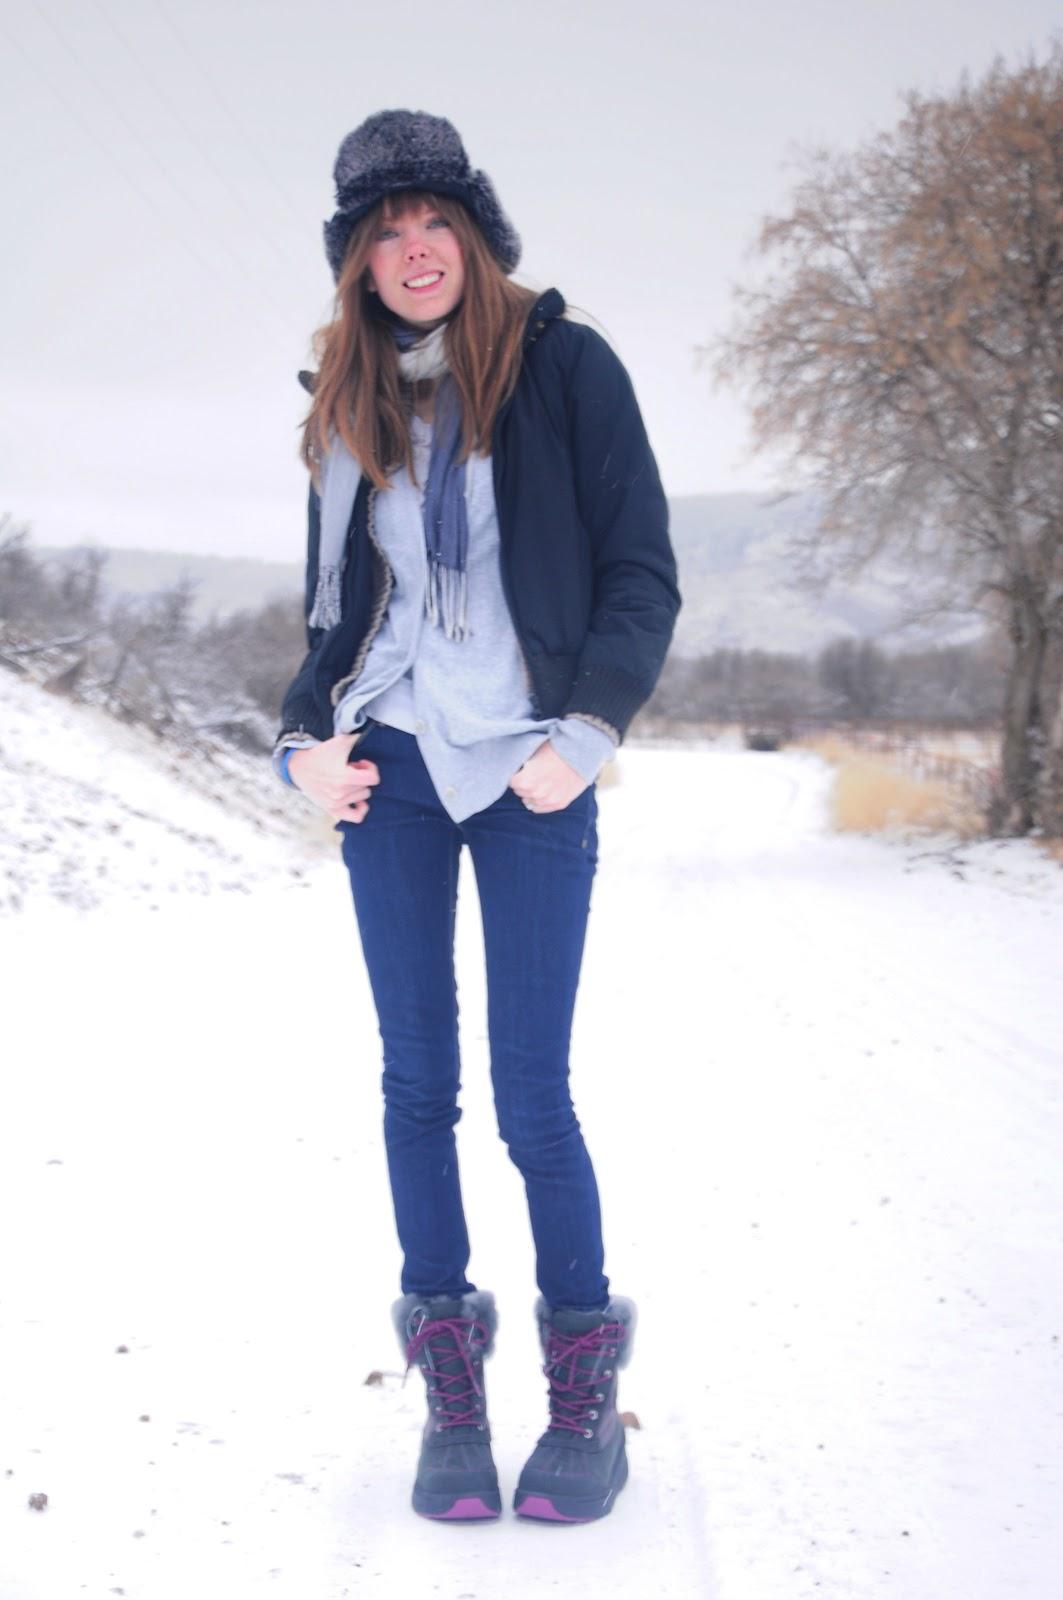 Winter hiking wear